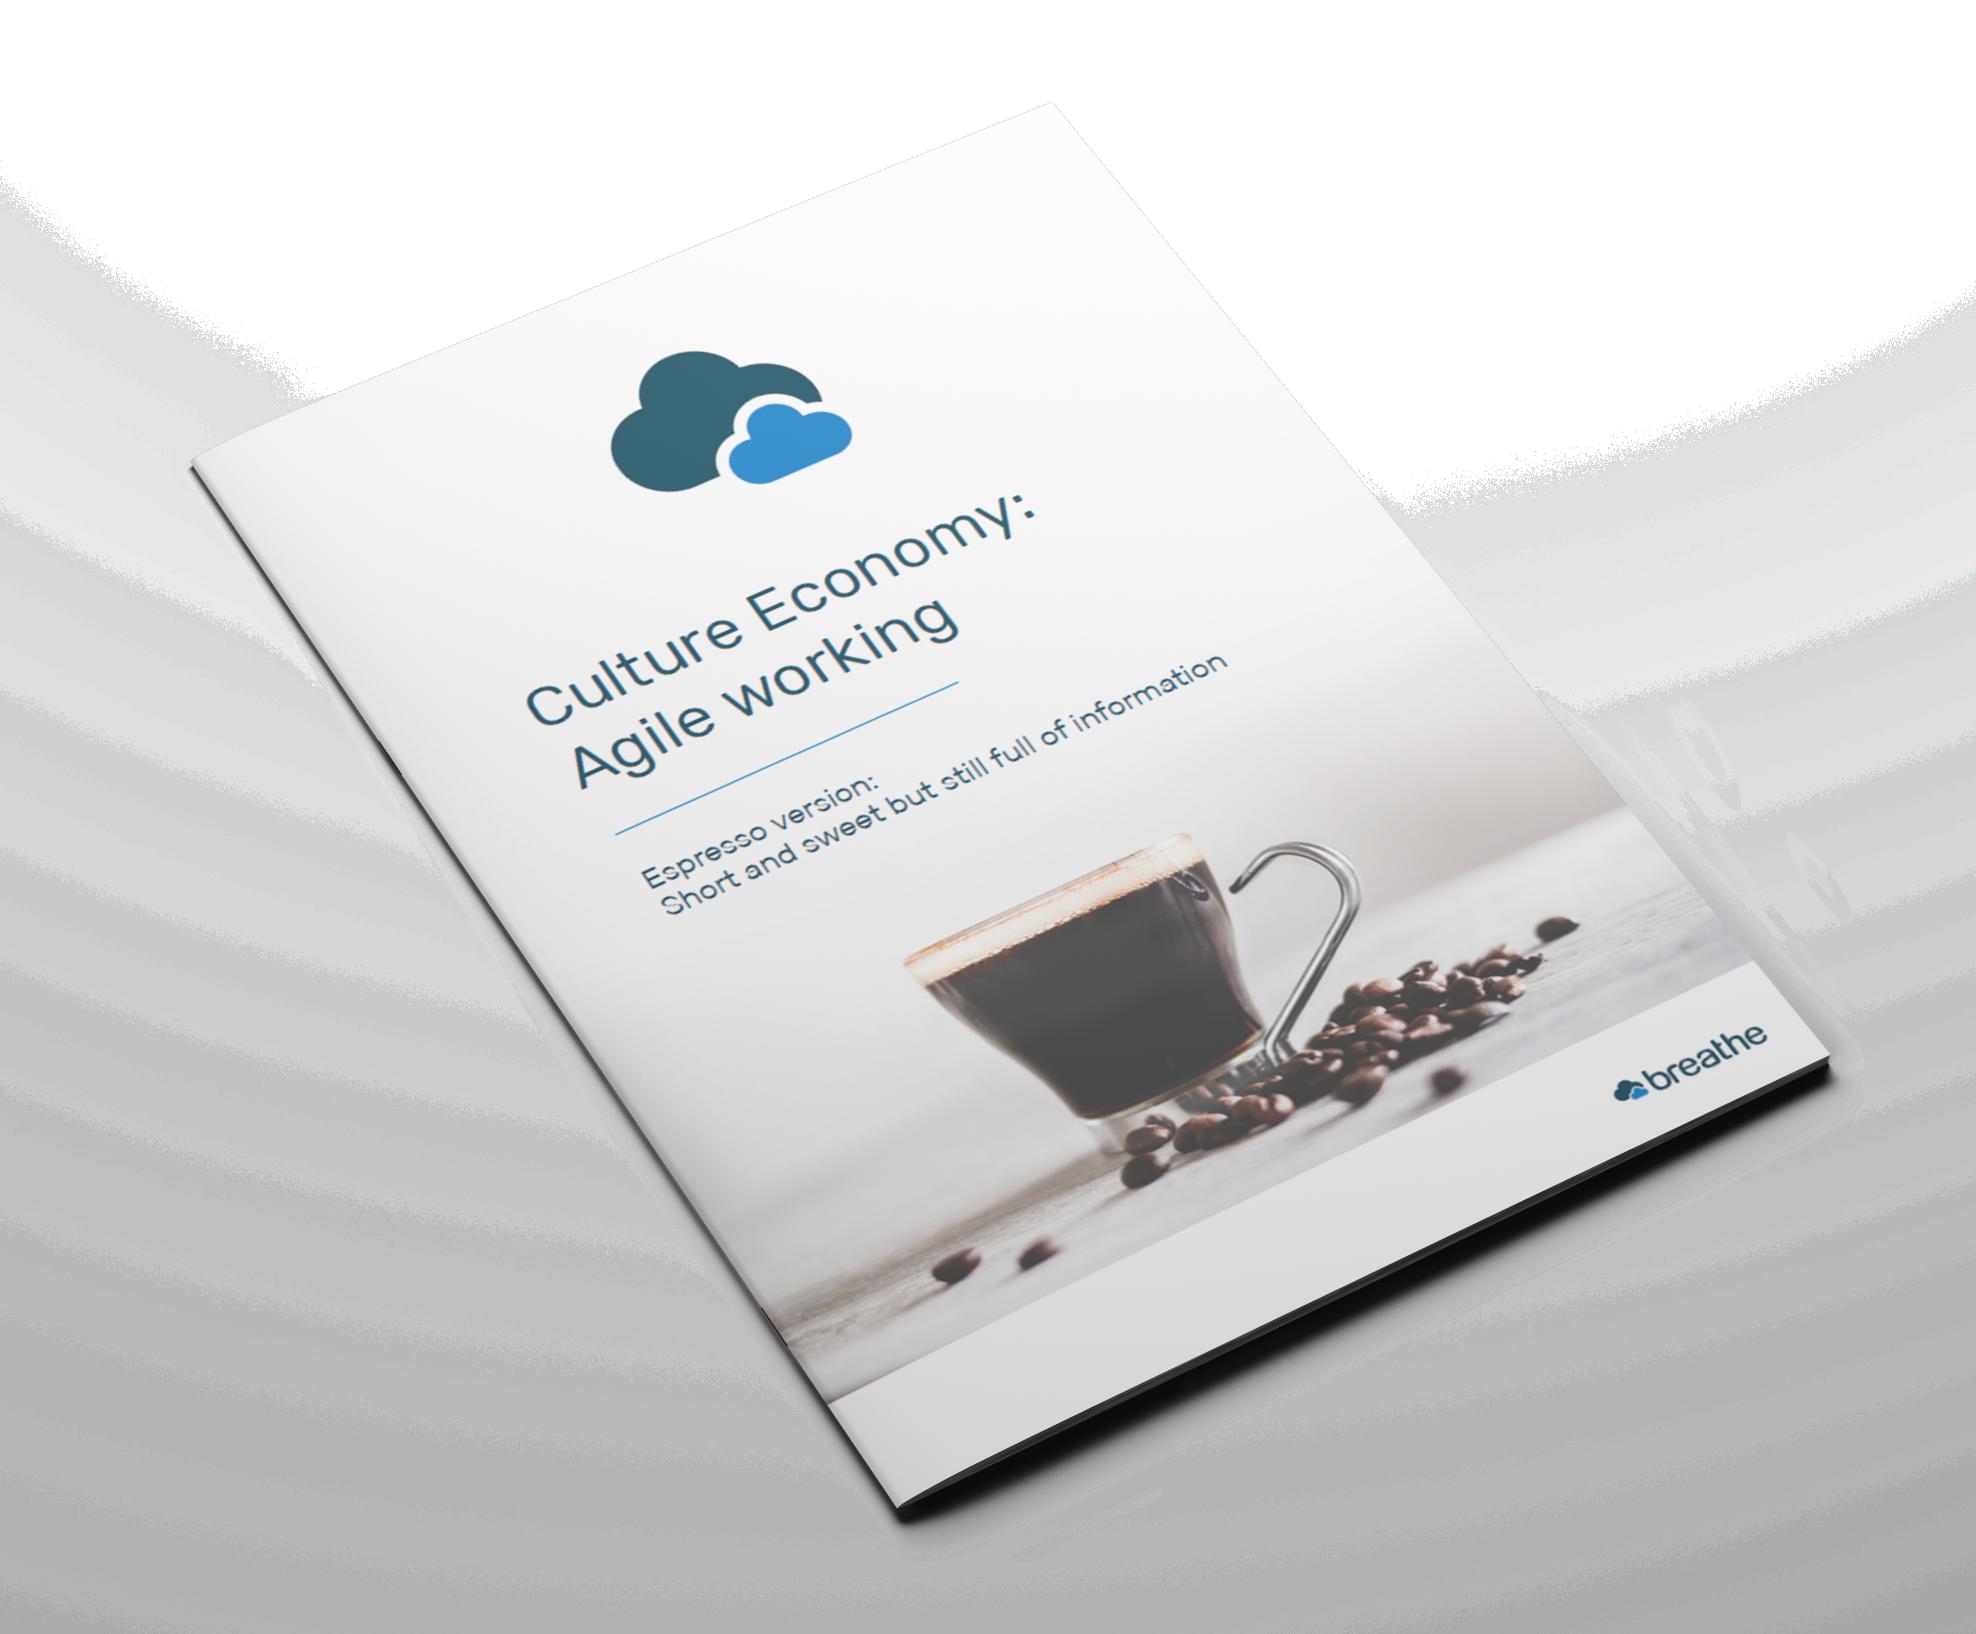 Espresso report agile_cropped (2)